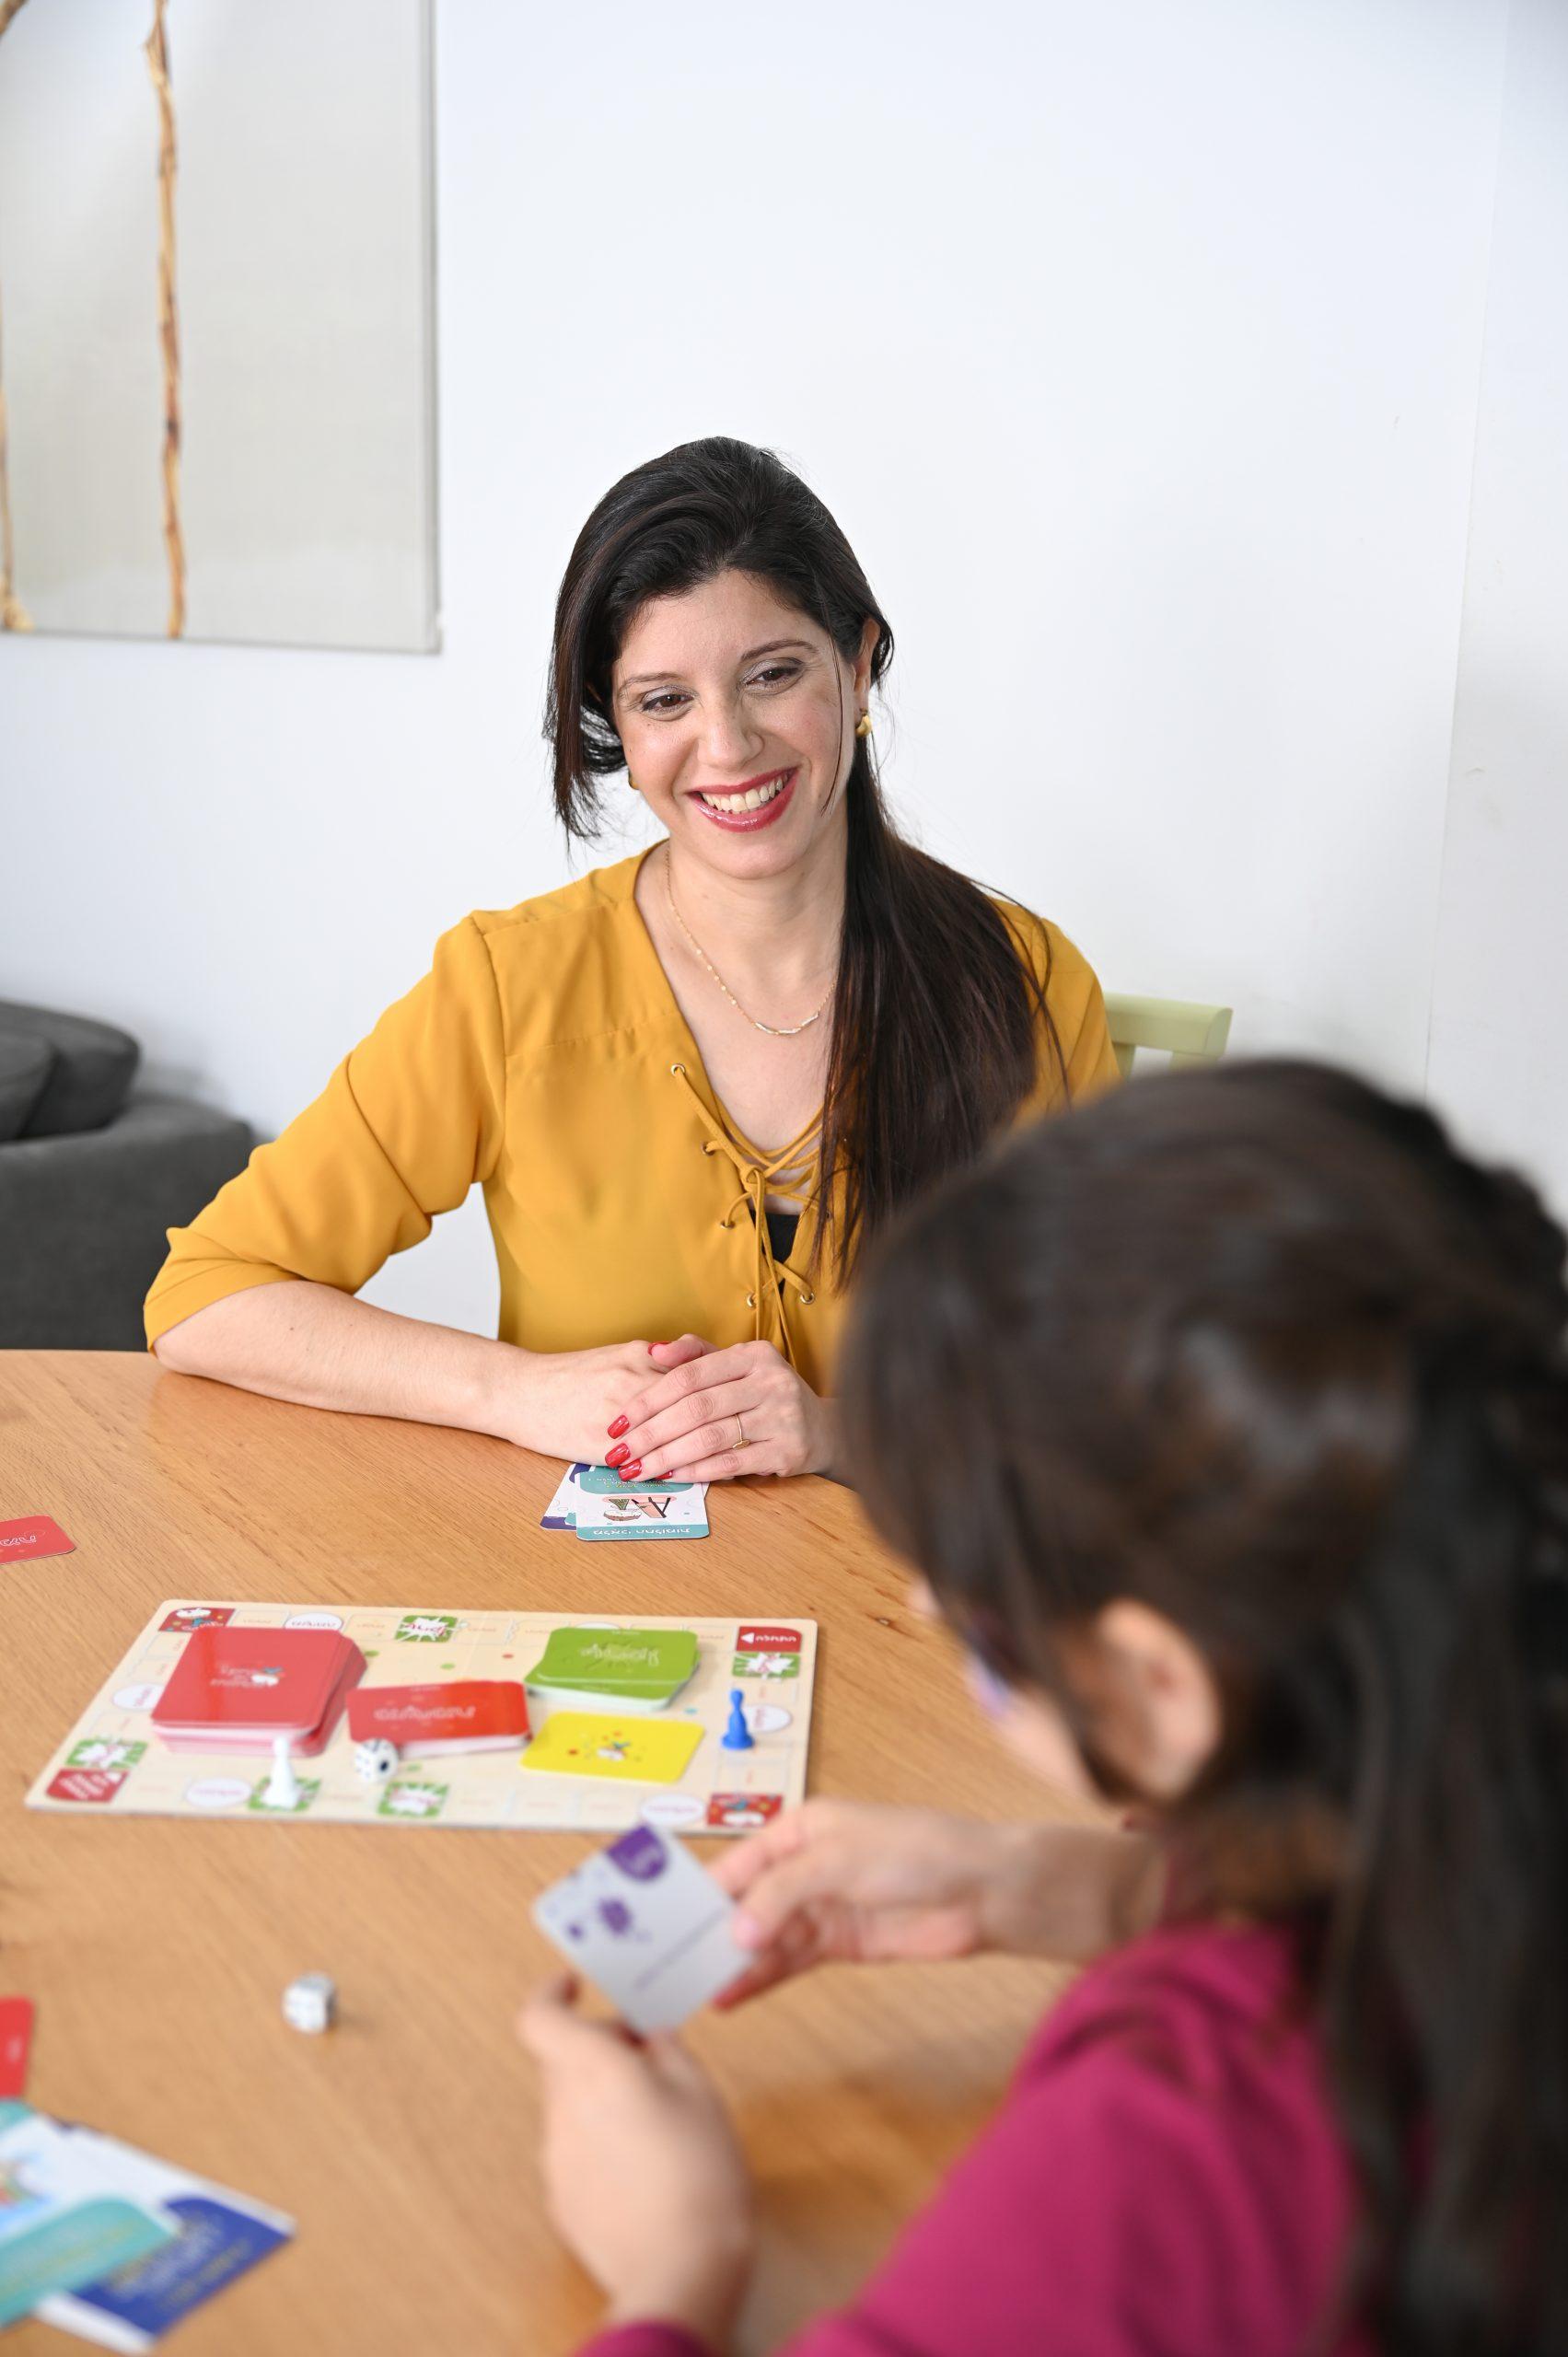 משחק לרכישת אוצר מילים באנגלית